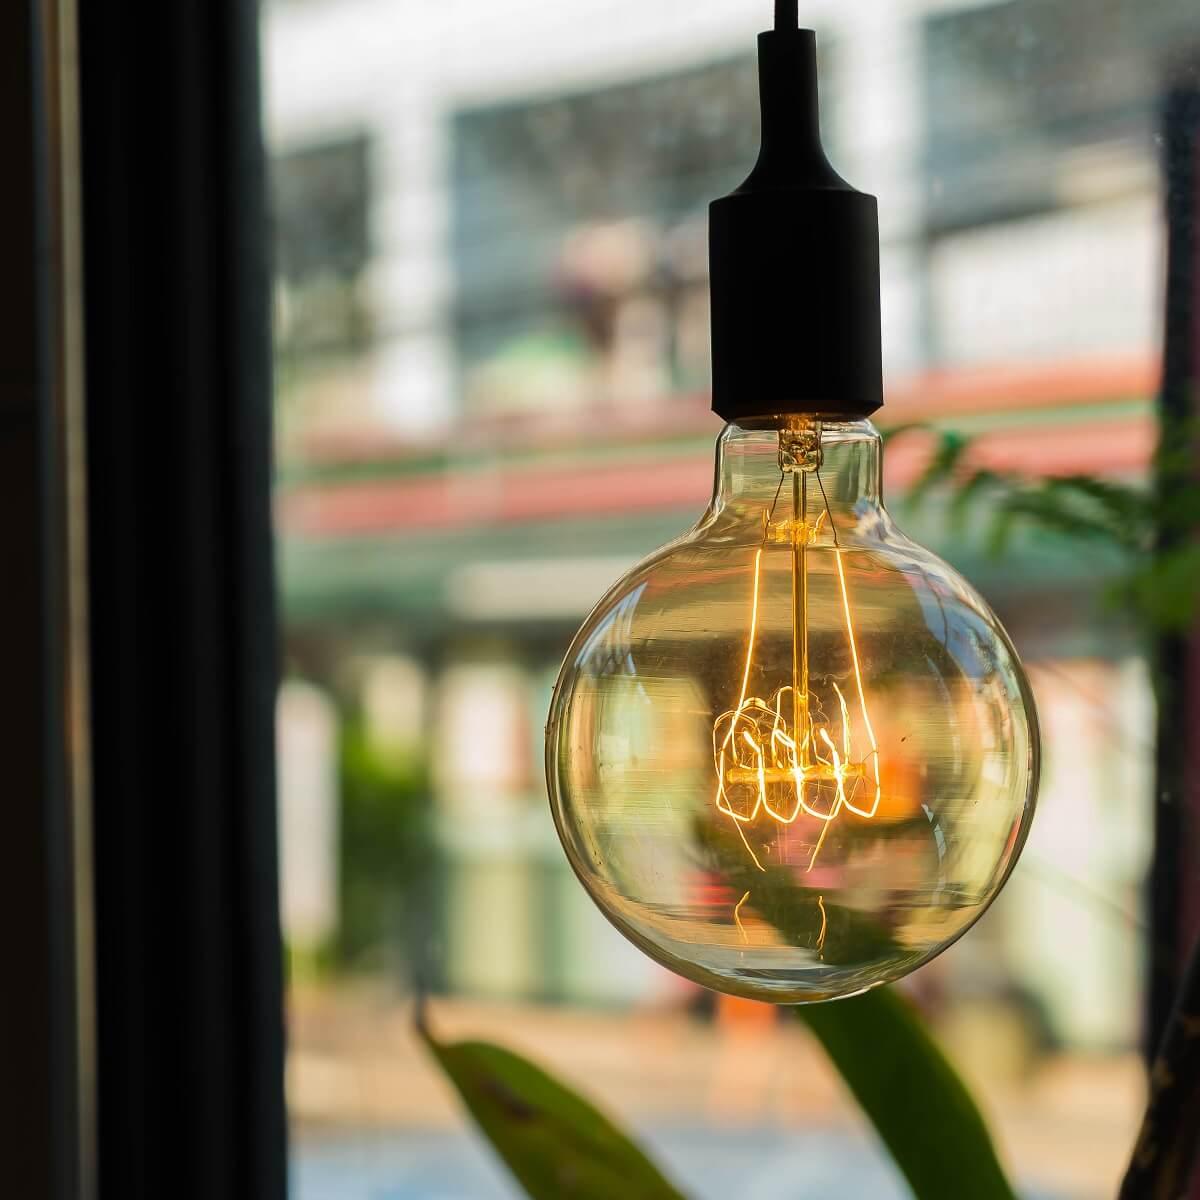 レトロなランプの写真。